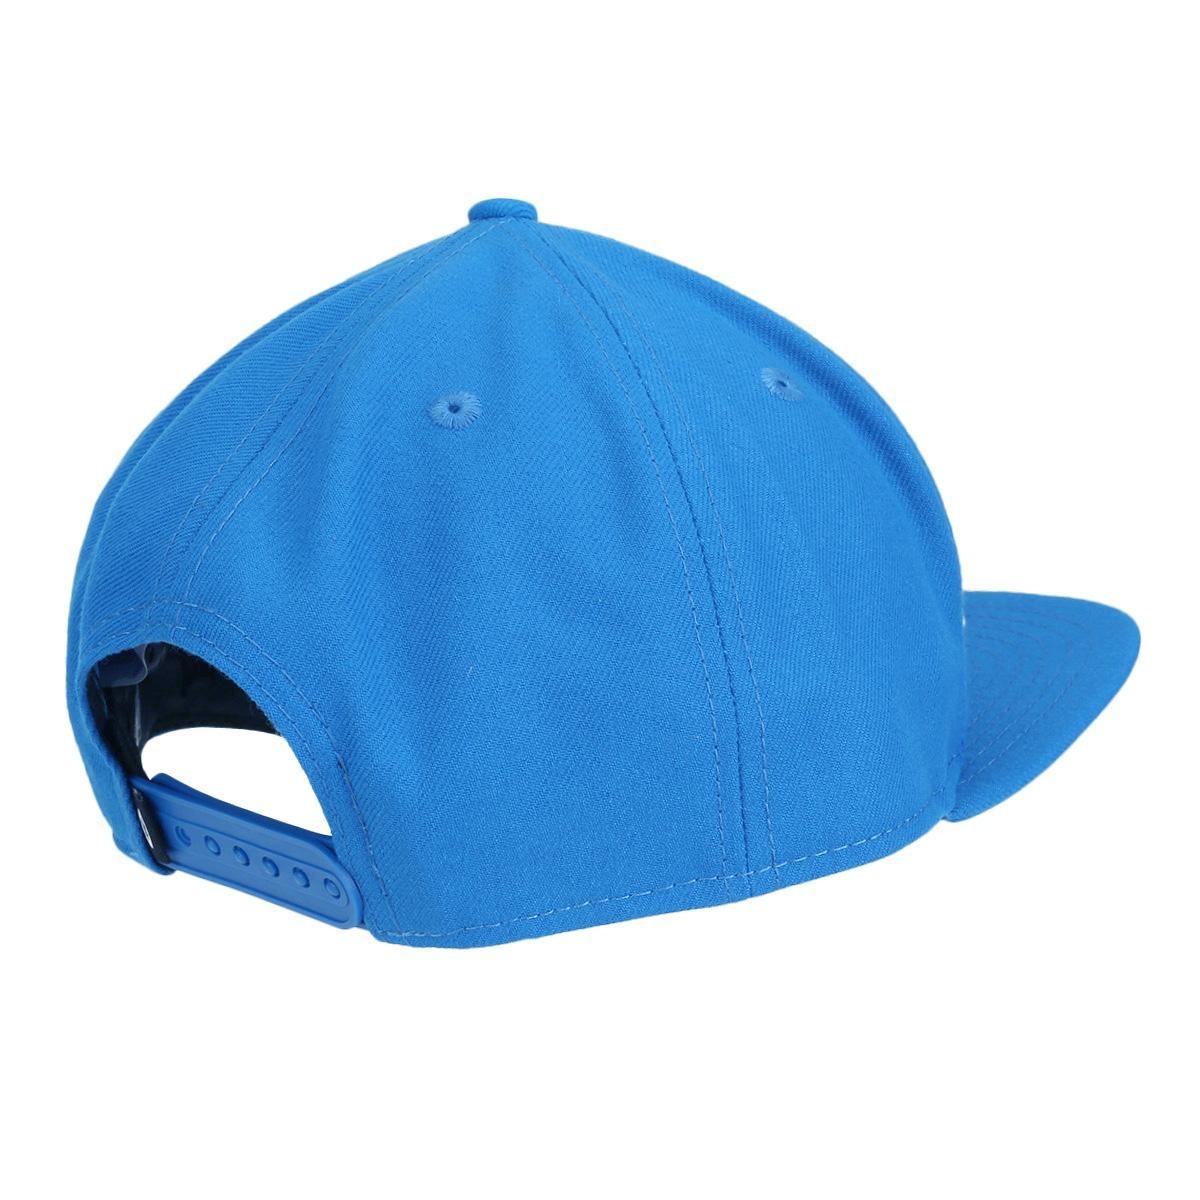 a41bc56cd3d44 boné oakley aba reta mark ii novelty masculino - cor azul. Carregando  zoom... boné oakley masculino. Carregando zoom.